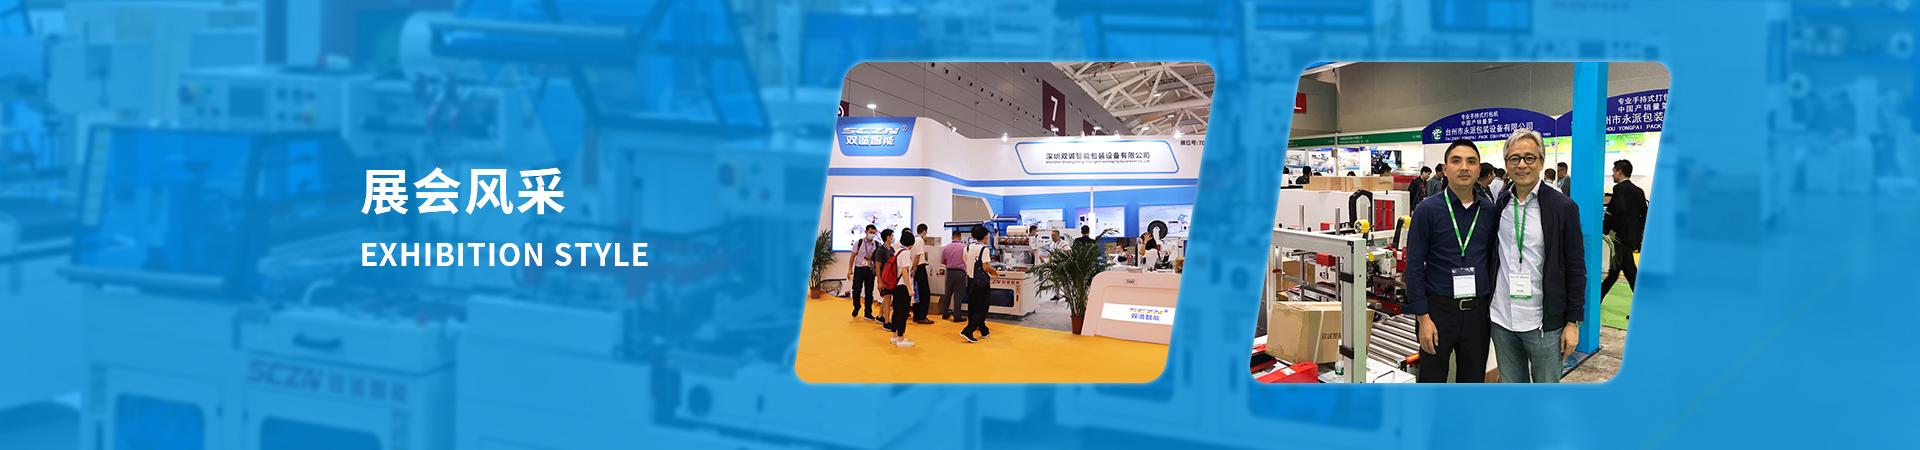 深圳智能装备博览会